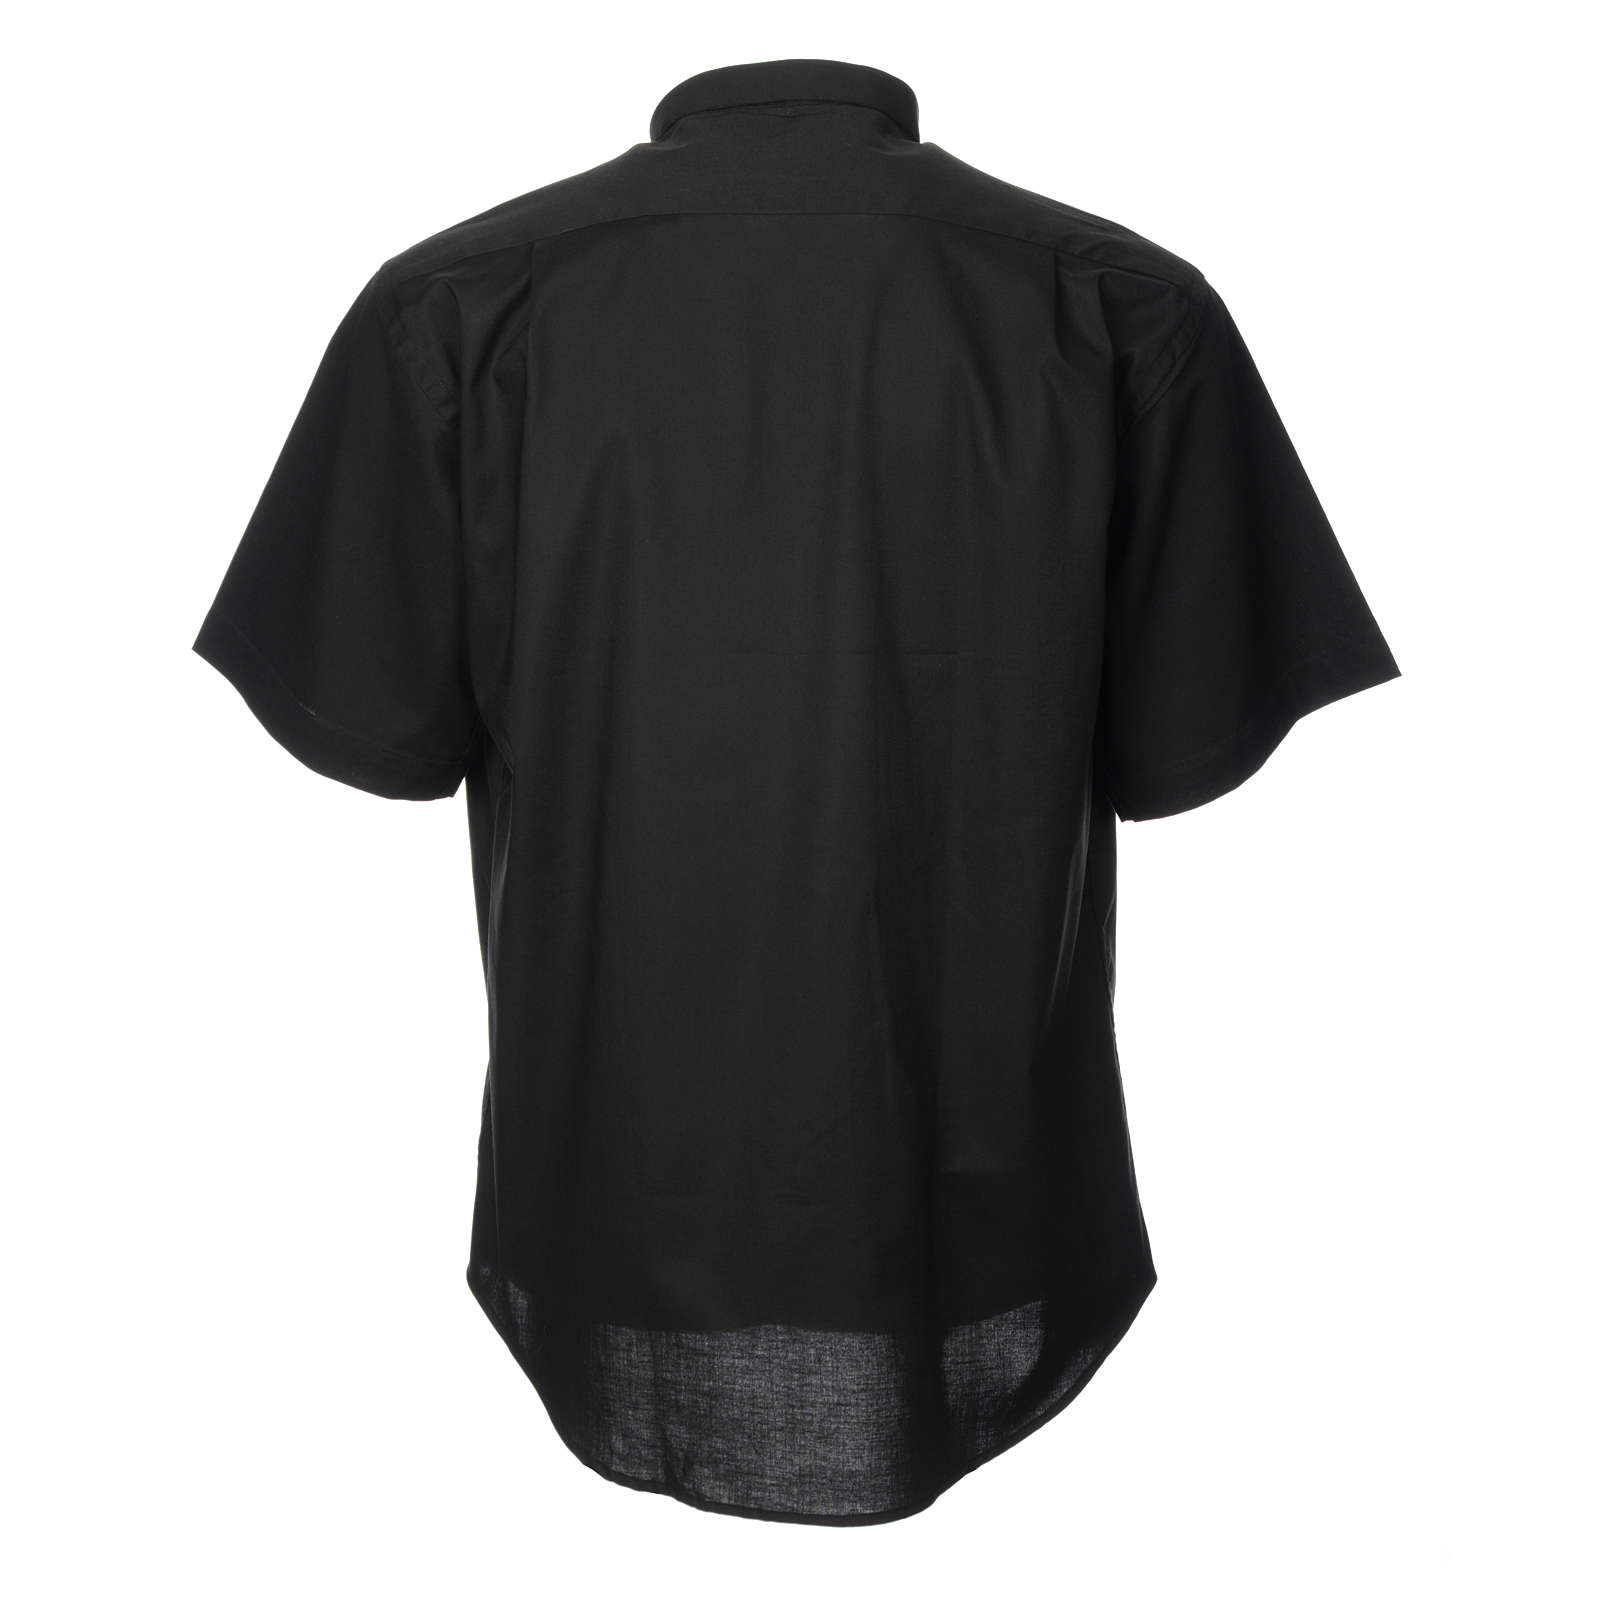 STOCK Camicia clergyman manica corta misto nera 4